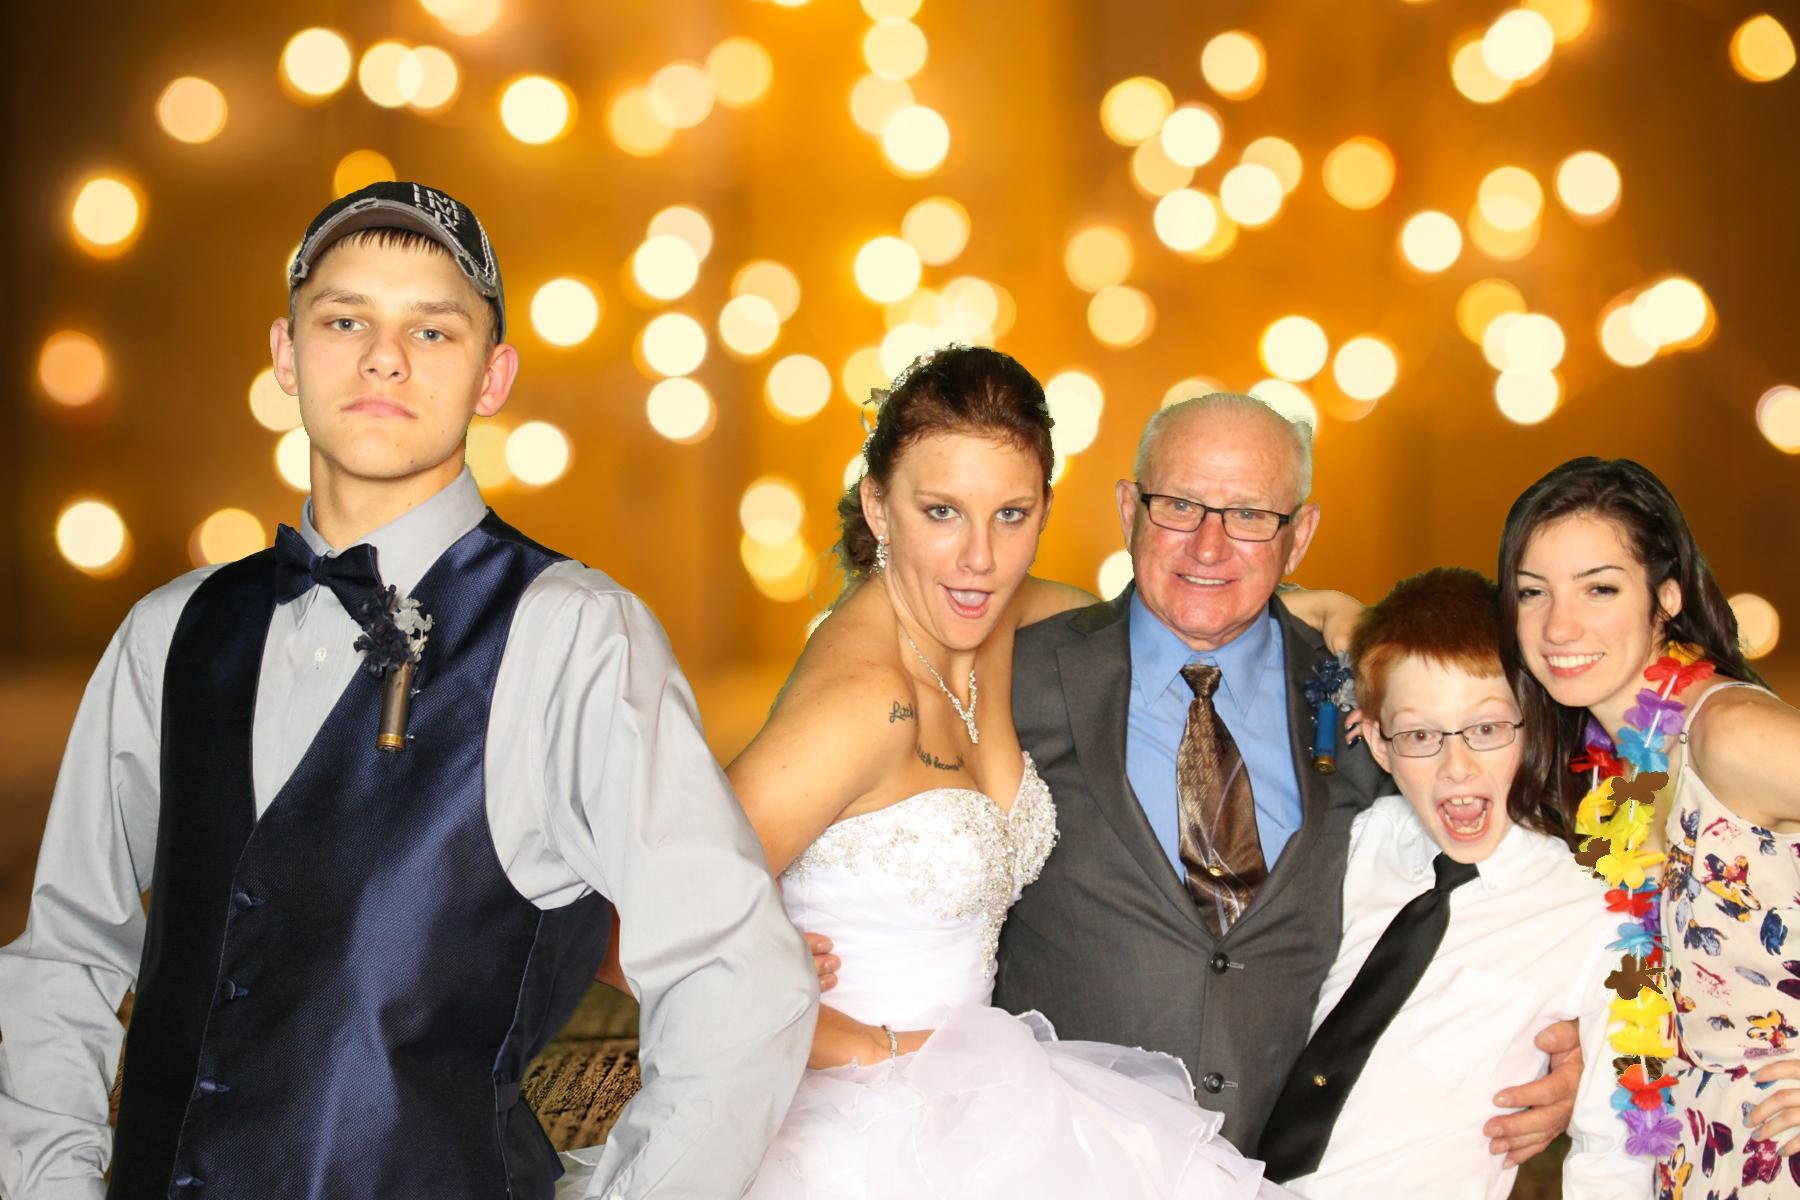 Midwest Selfies Photo Booth Wausau Wedding 5